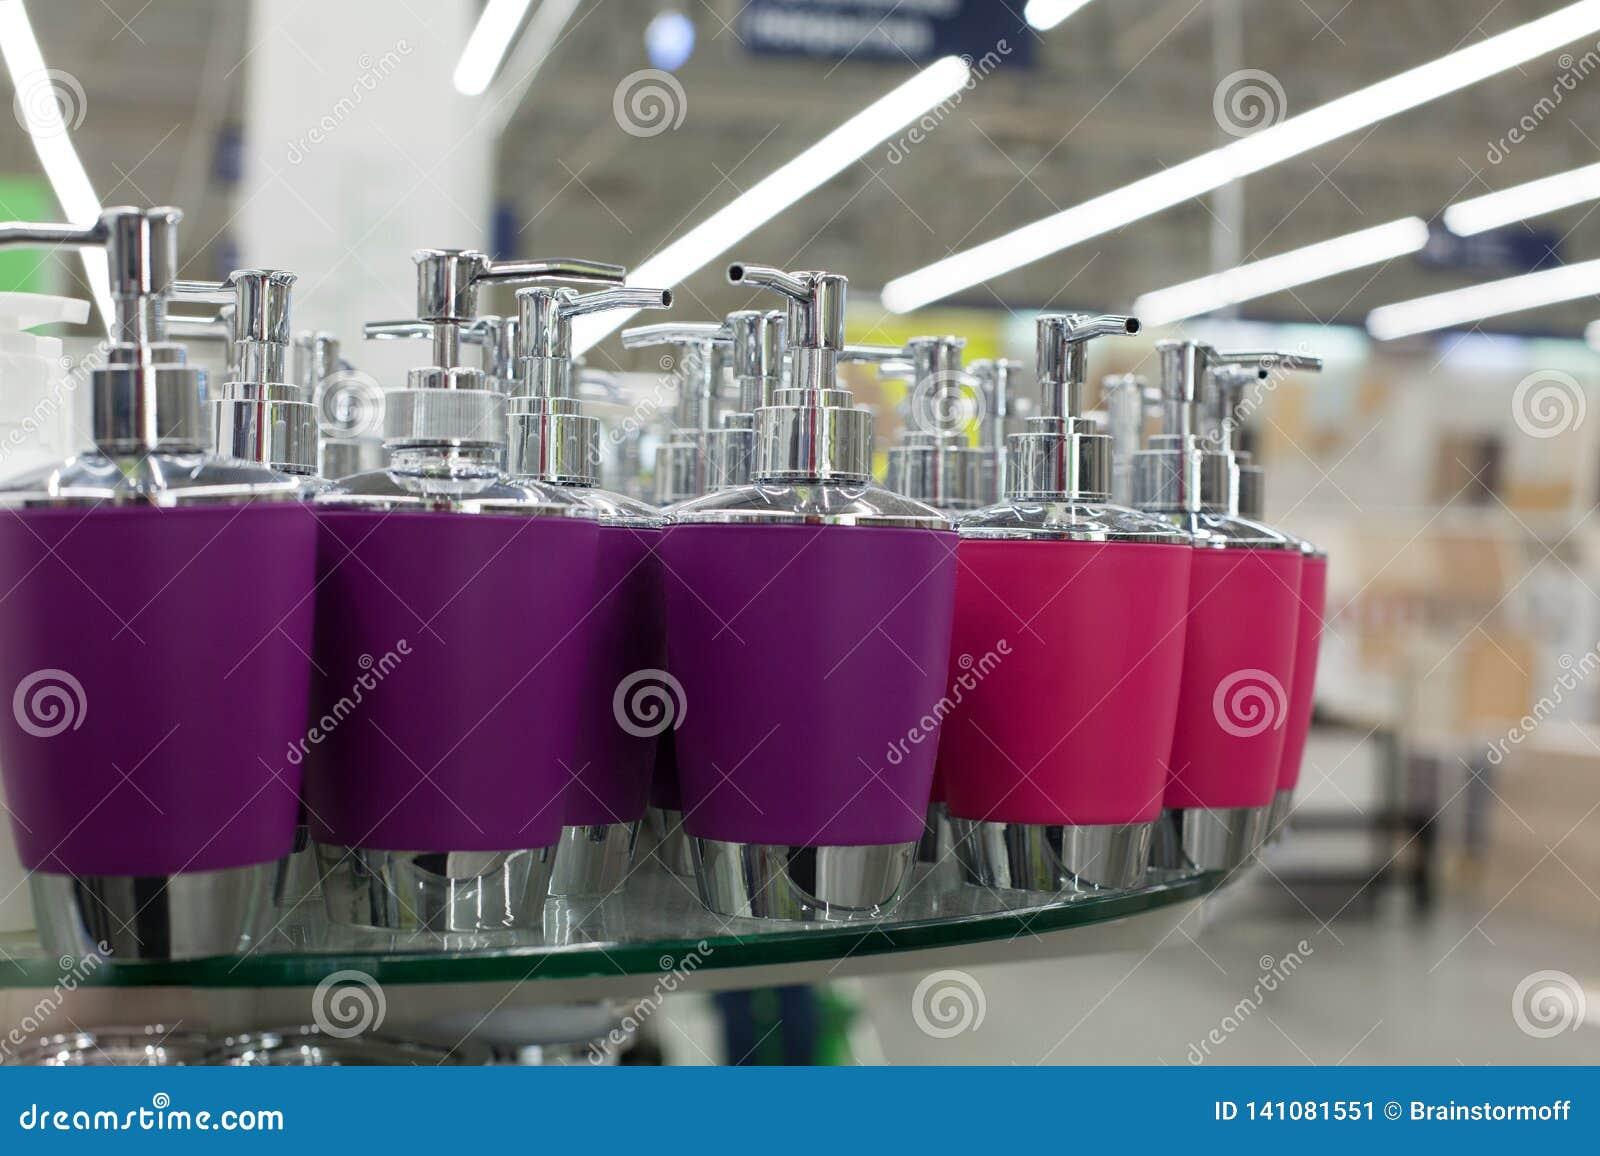 Distributeur De Porte-savon Pour Le Savon Liquide, Salle De Bains